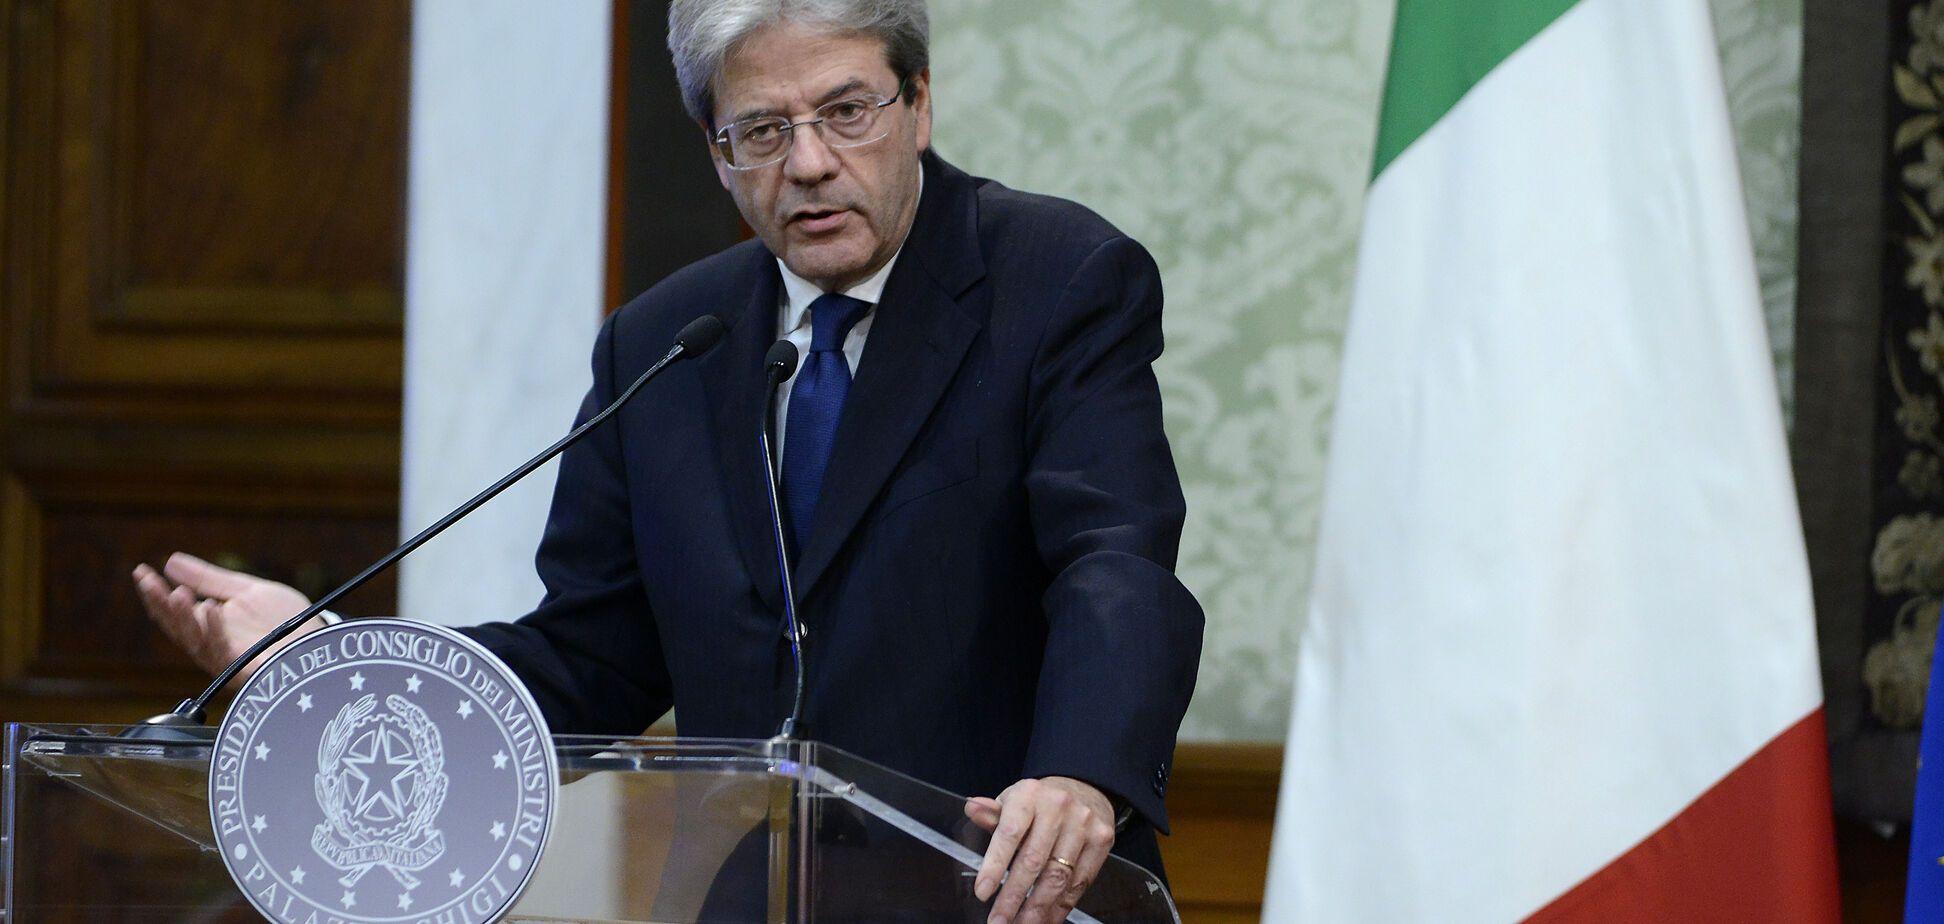 'Боротися заради прогресу': прем'єр Італії виступив із потужною промовою